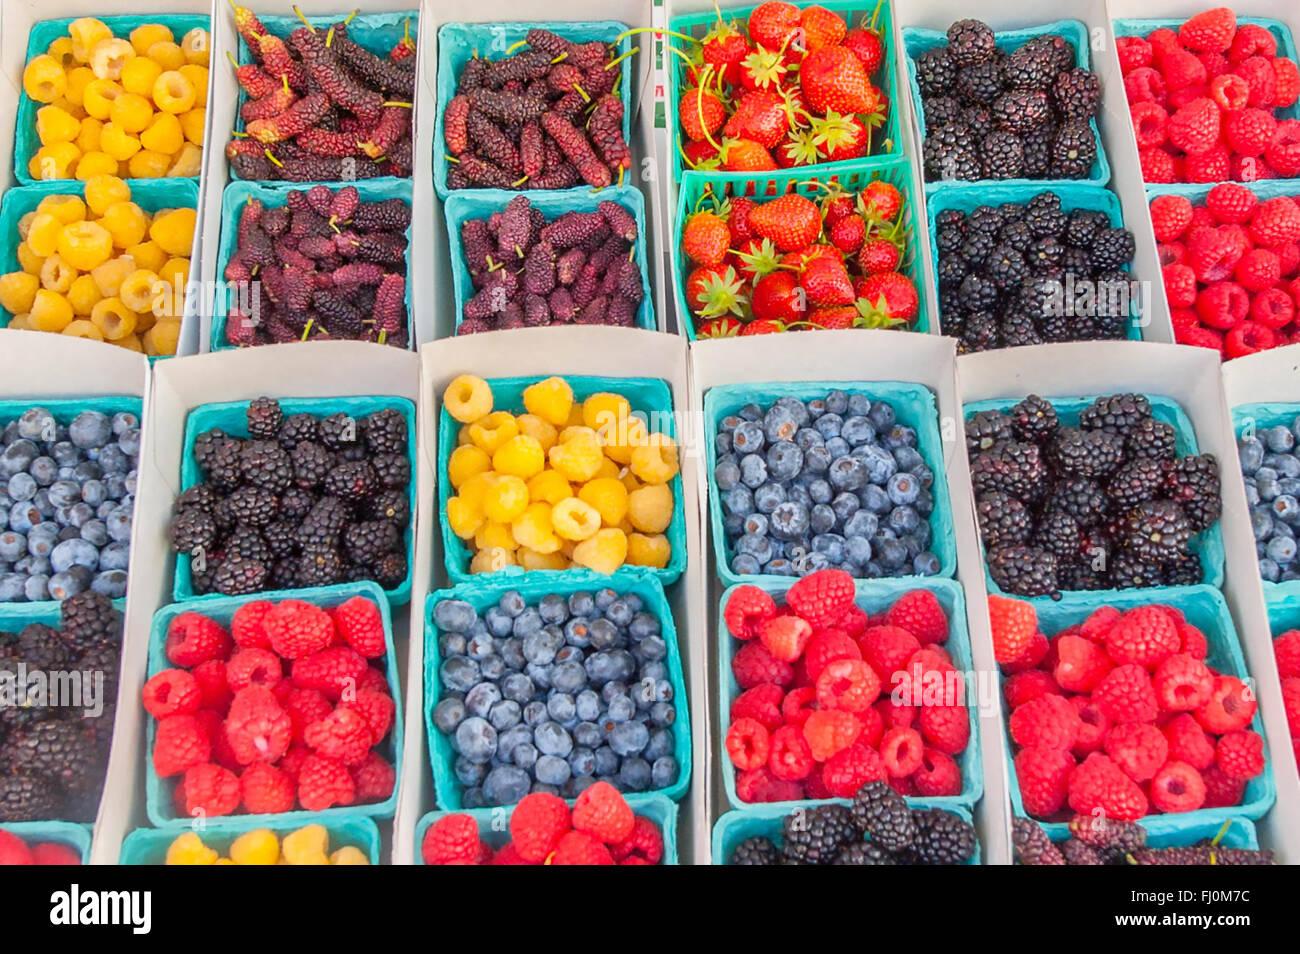 Farmers Market, in der Nähe von Beeren im Pint Behälter bei einem lokalen Farm Stand/Bauernmarkt in Santa Stockbild